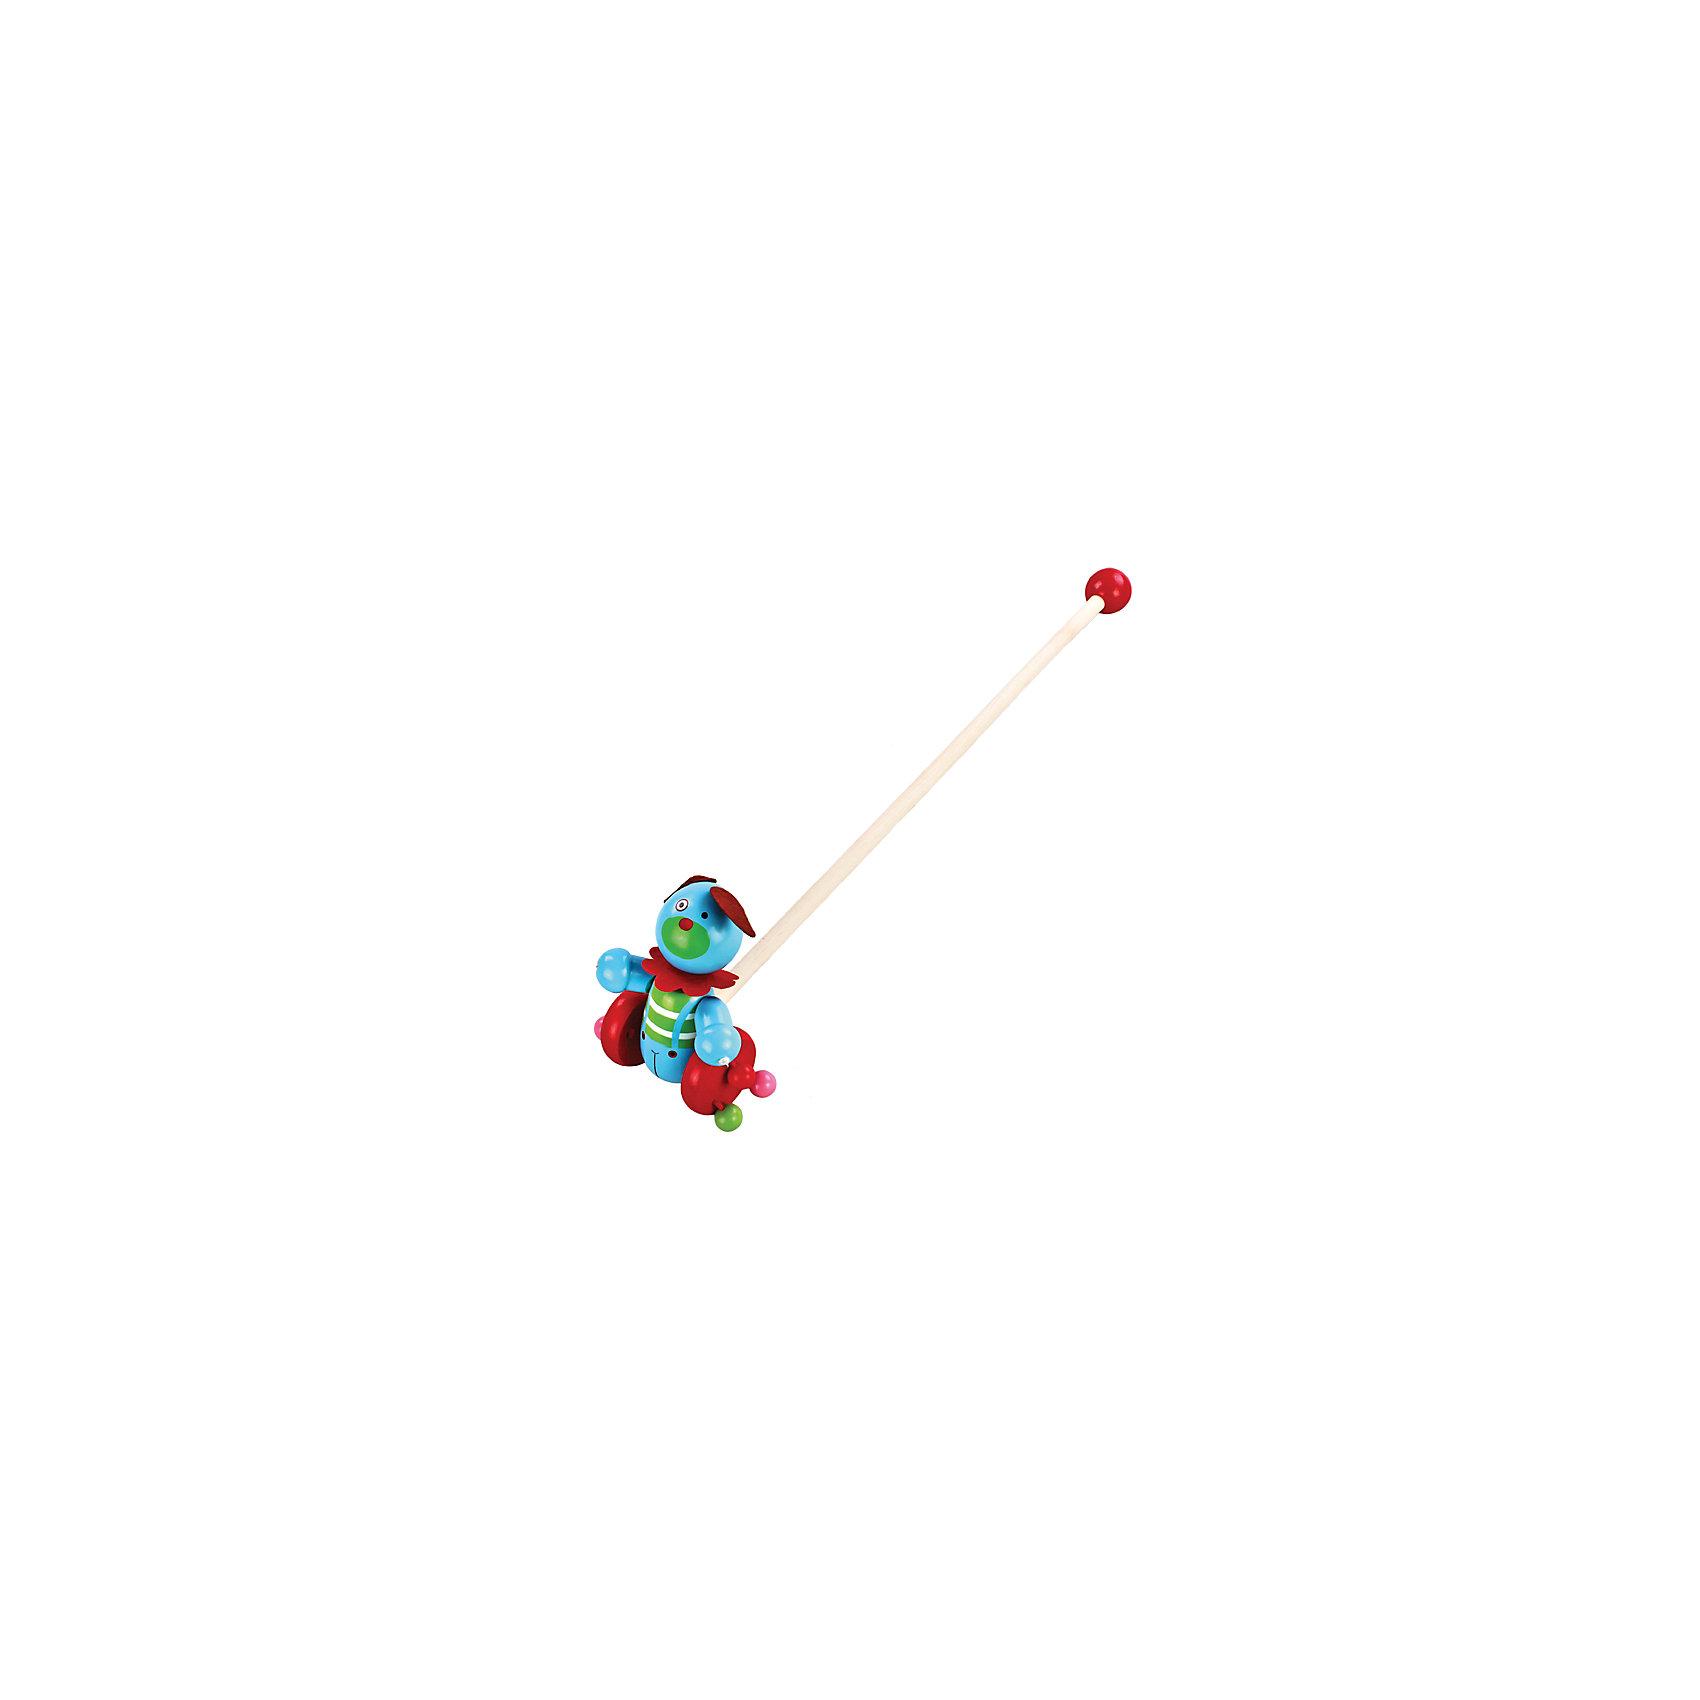 Каталка Веселый щенок, MapachaИгрушки-каталки<br>Каталки – интересные игрушки, которые любят все малыши. Данная модель выполнена из пластика, представлена в виде щенка. Внизу у игрушки есть колесики, которые легко передвигаются по любым поверхностям. Каталка – игрушка на длинной ручке. Малыш держит игрушку за ручку и катит впереди или позади себя. Благодаря колесикам ребенок не устает носить с собой каталку. Яркие цвета, стильный дизайн – достоинства новой модели. Материалы, использованные при изготовлении товара, абсолютно безопасны и отвечают всем международным требованиям по качеству.<br><br>Дополнительные характеристики:<br><br>материал: пластик, ПВХ;<br>цвет: разноцветный;<br>габариты: 36 X 18 X 23 см.<br><br>Каталку Веселый щенок от компании Mapacha можно приобрести в нашем магазине.<br><br>Ширина мм: 515<br>Глубина мм: 350<br>Высота мм: 260<br>Вес г: 271<br>Возраст от месяцев: 12<br>Возраст до месяцев: 36<br>Пол: Унисекс<br>Возраст: Детский<br>SKU: 5032494